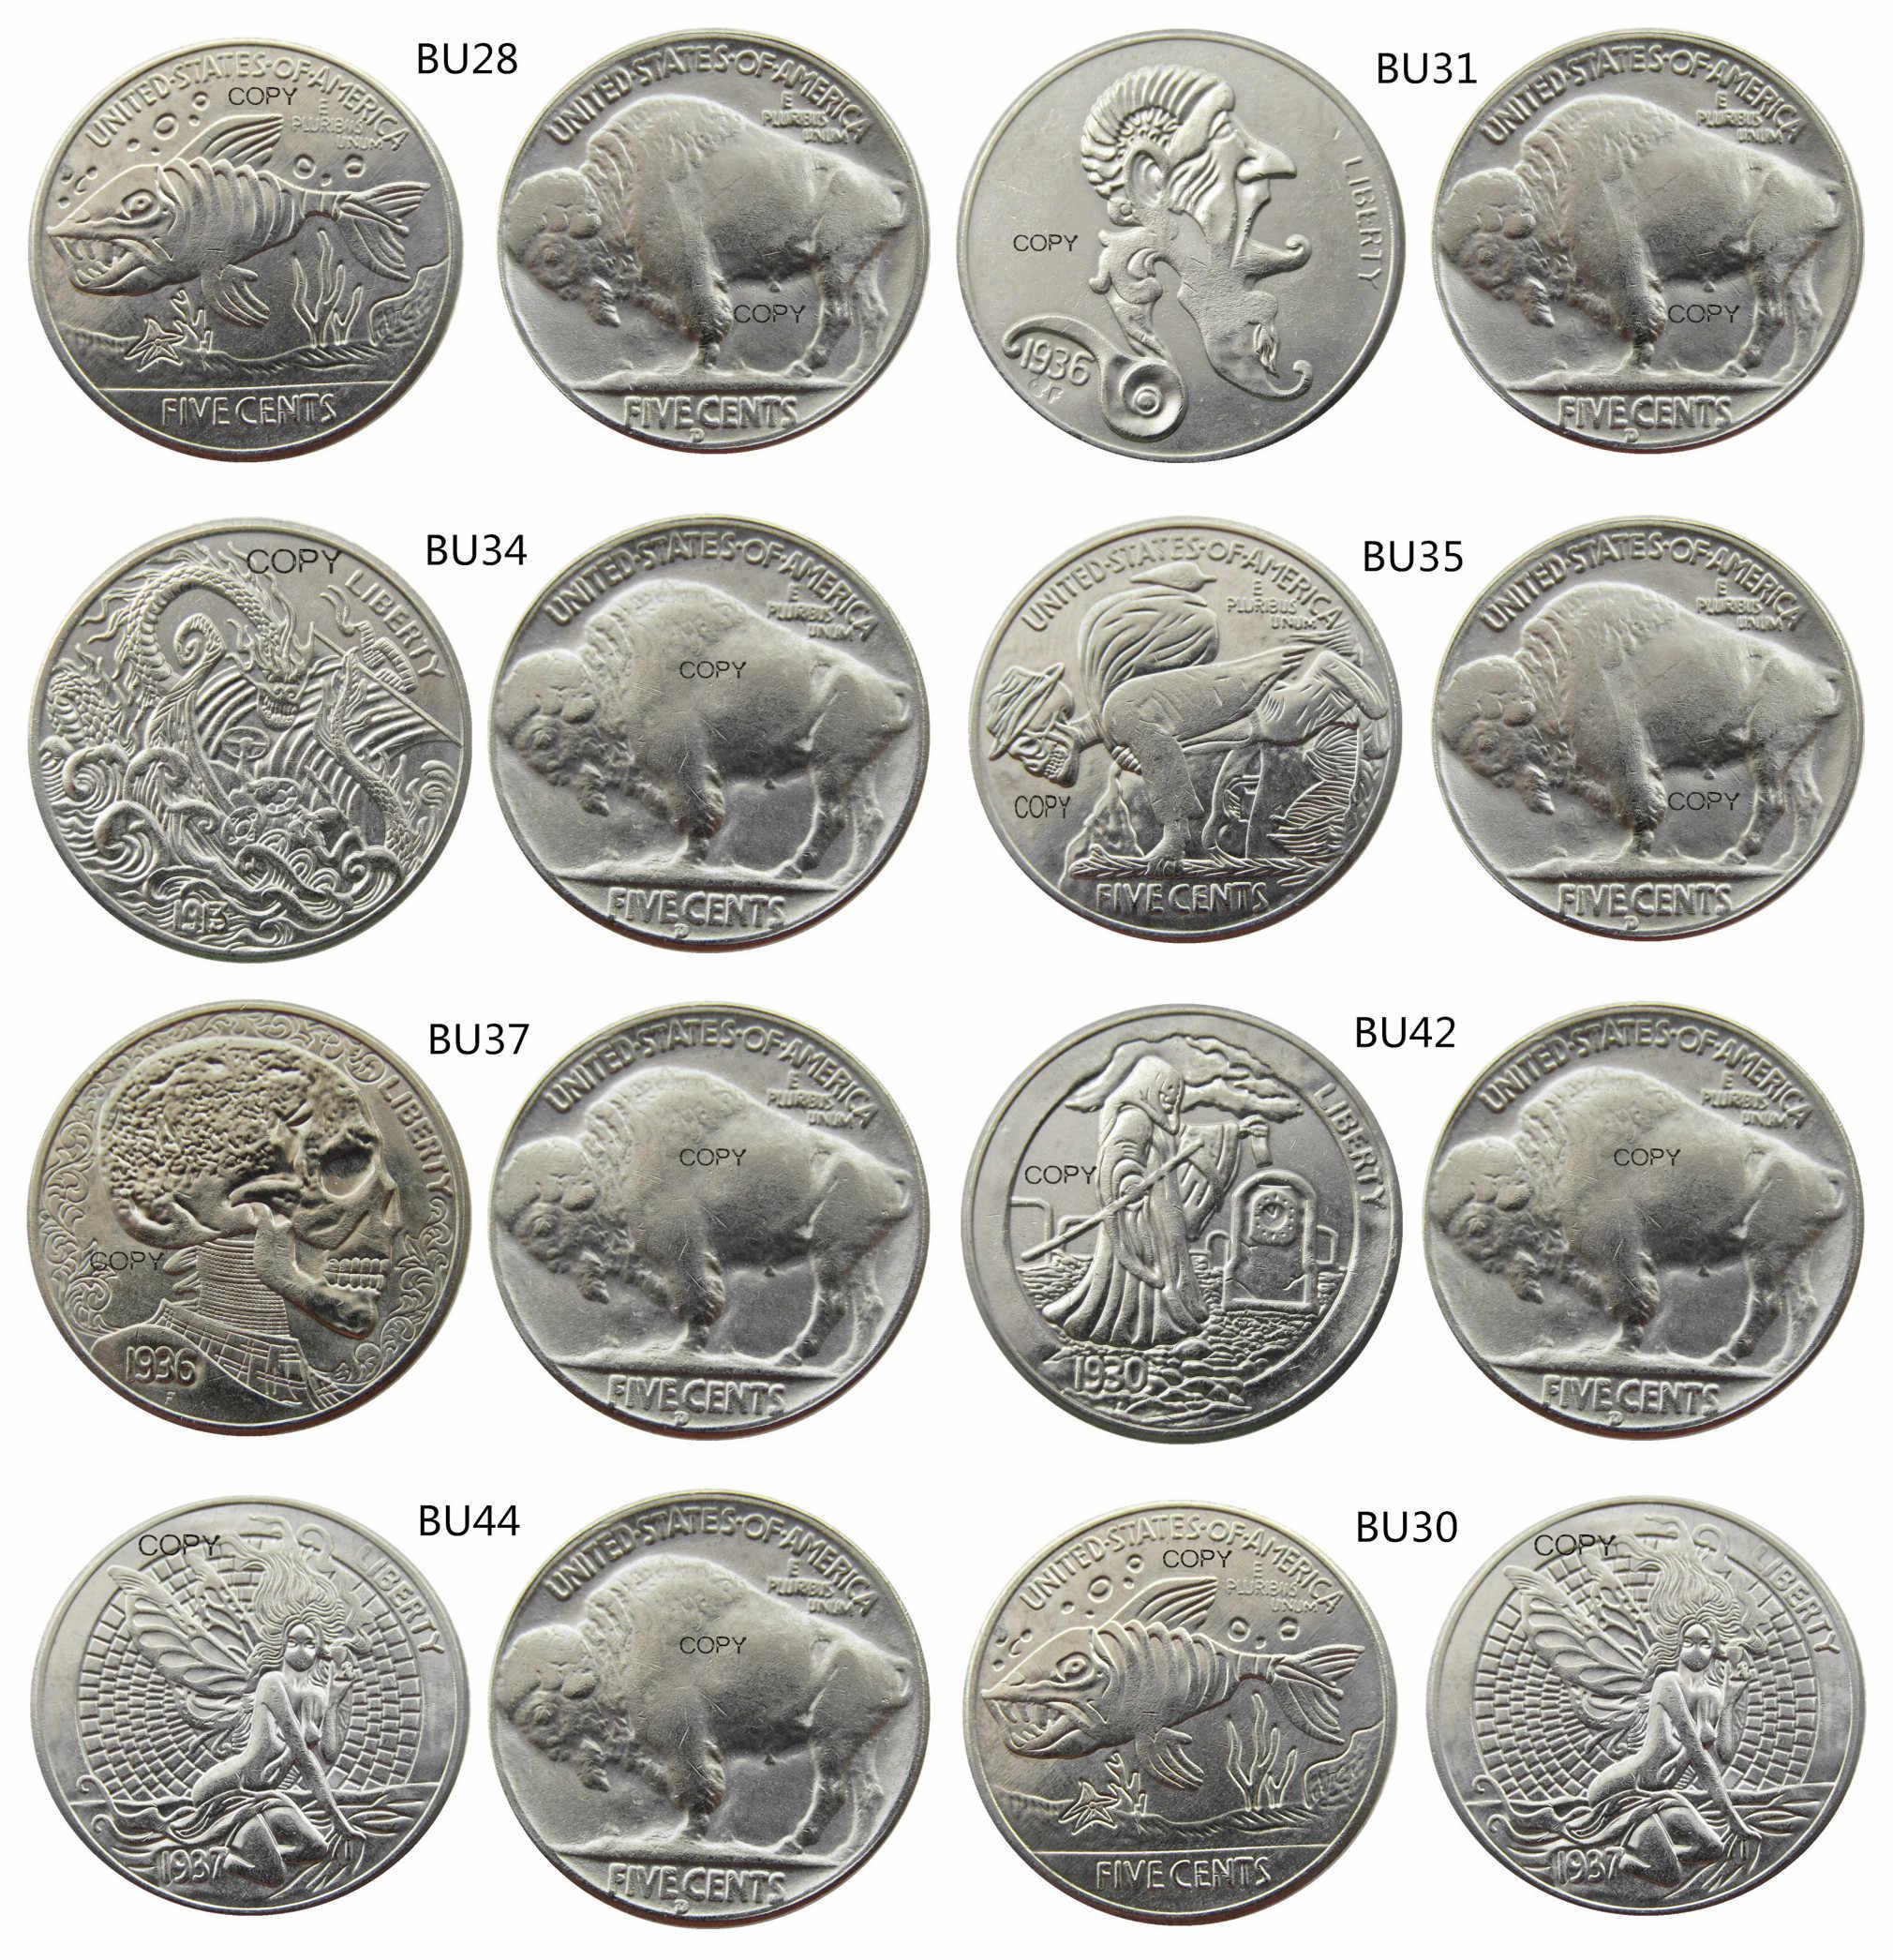 Nieuwe Stijl Mix 8 Stuks Hobo Nikkel Buffalo Nickel Zeldzame Creatieve Grappige Copy Coin